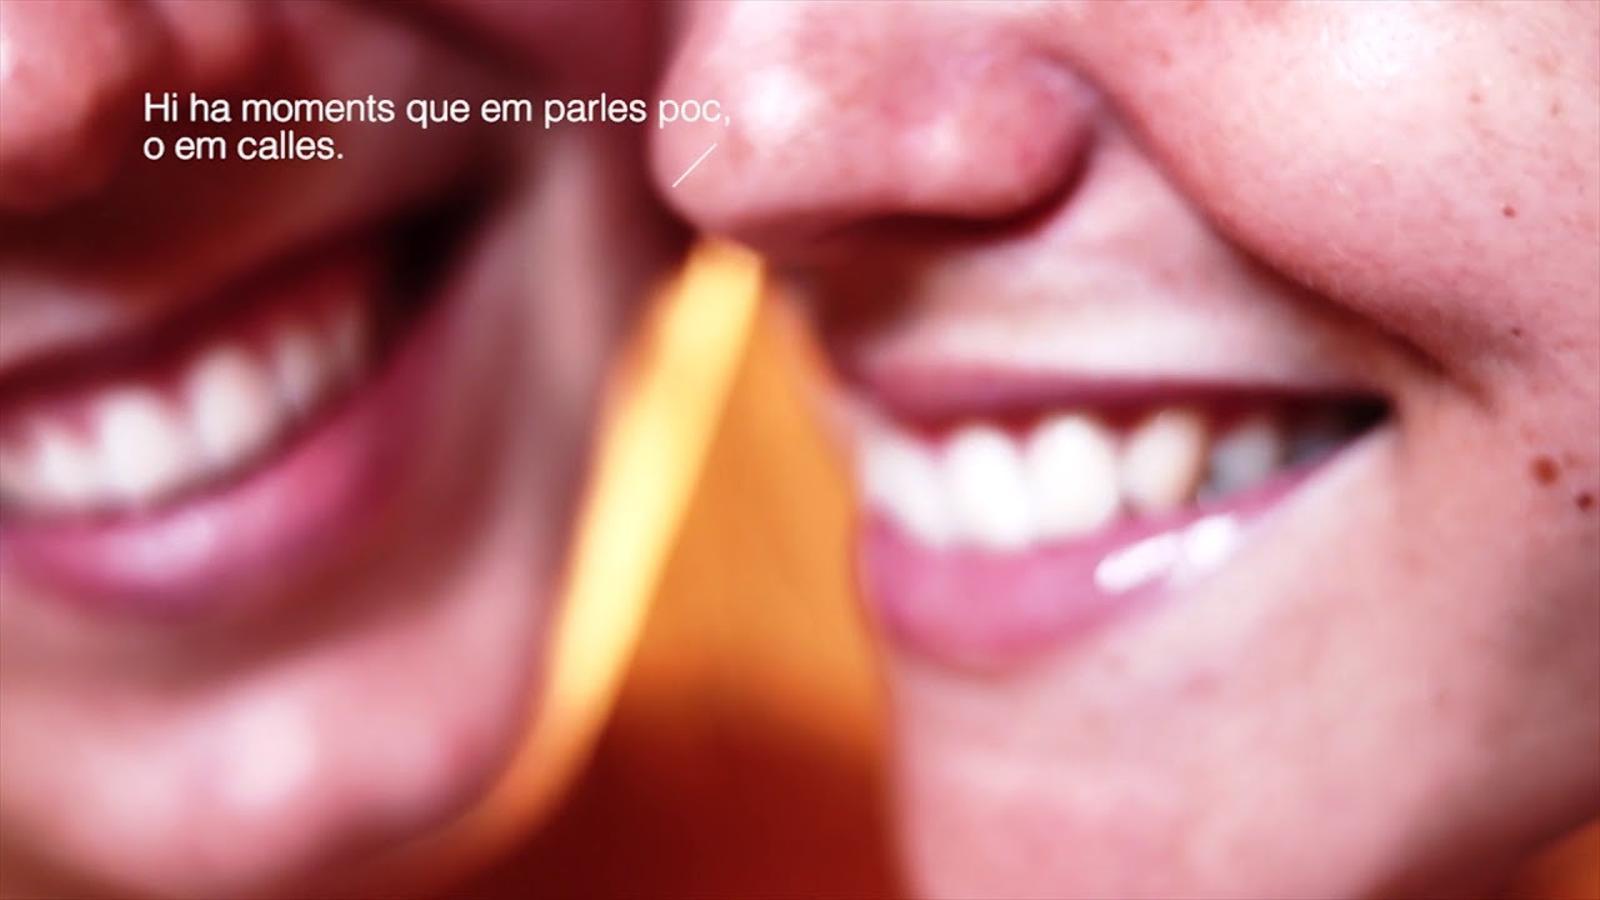 Sempre teua, la teua llengua.